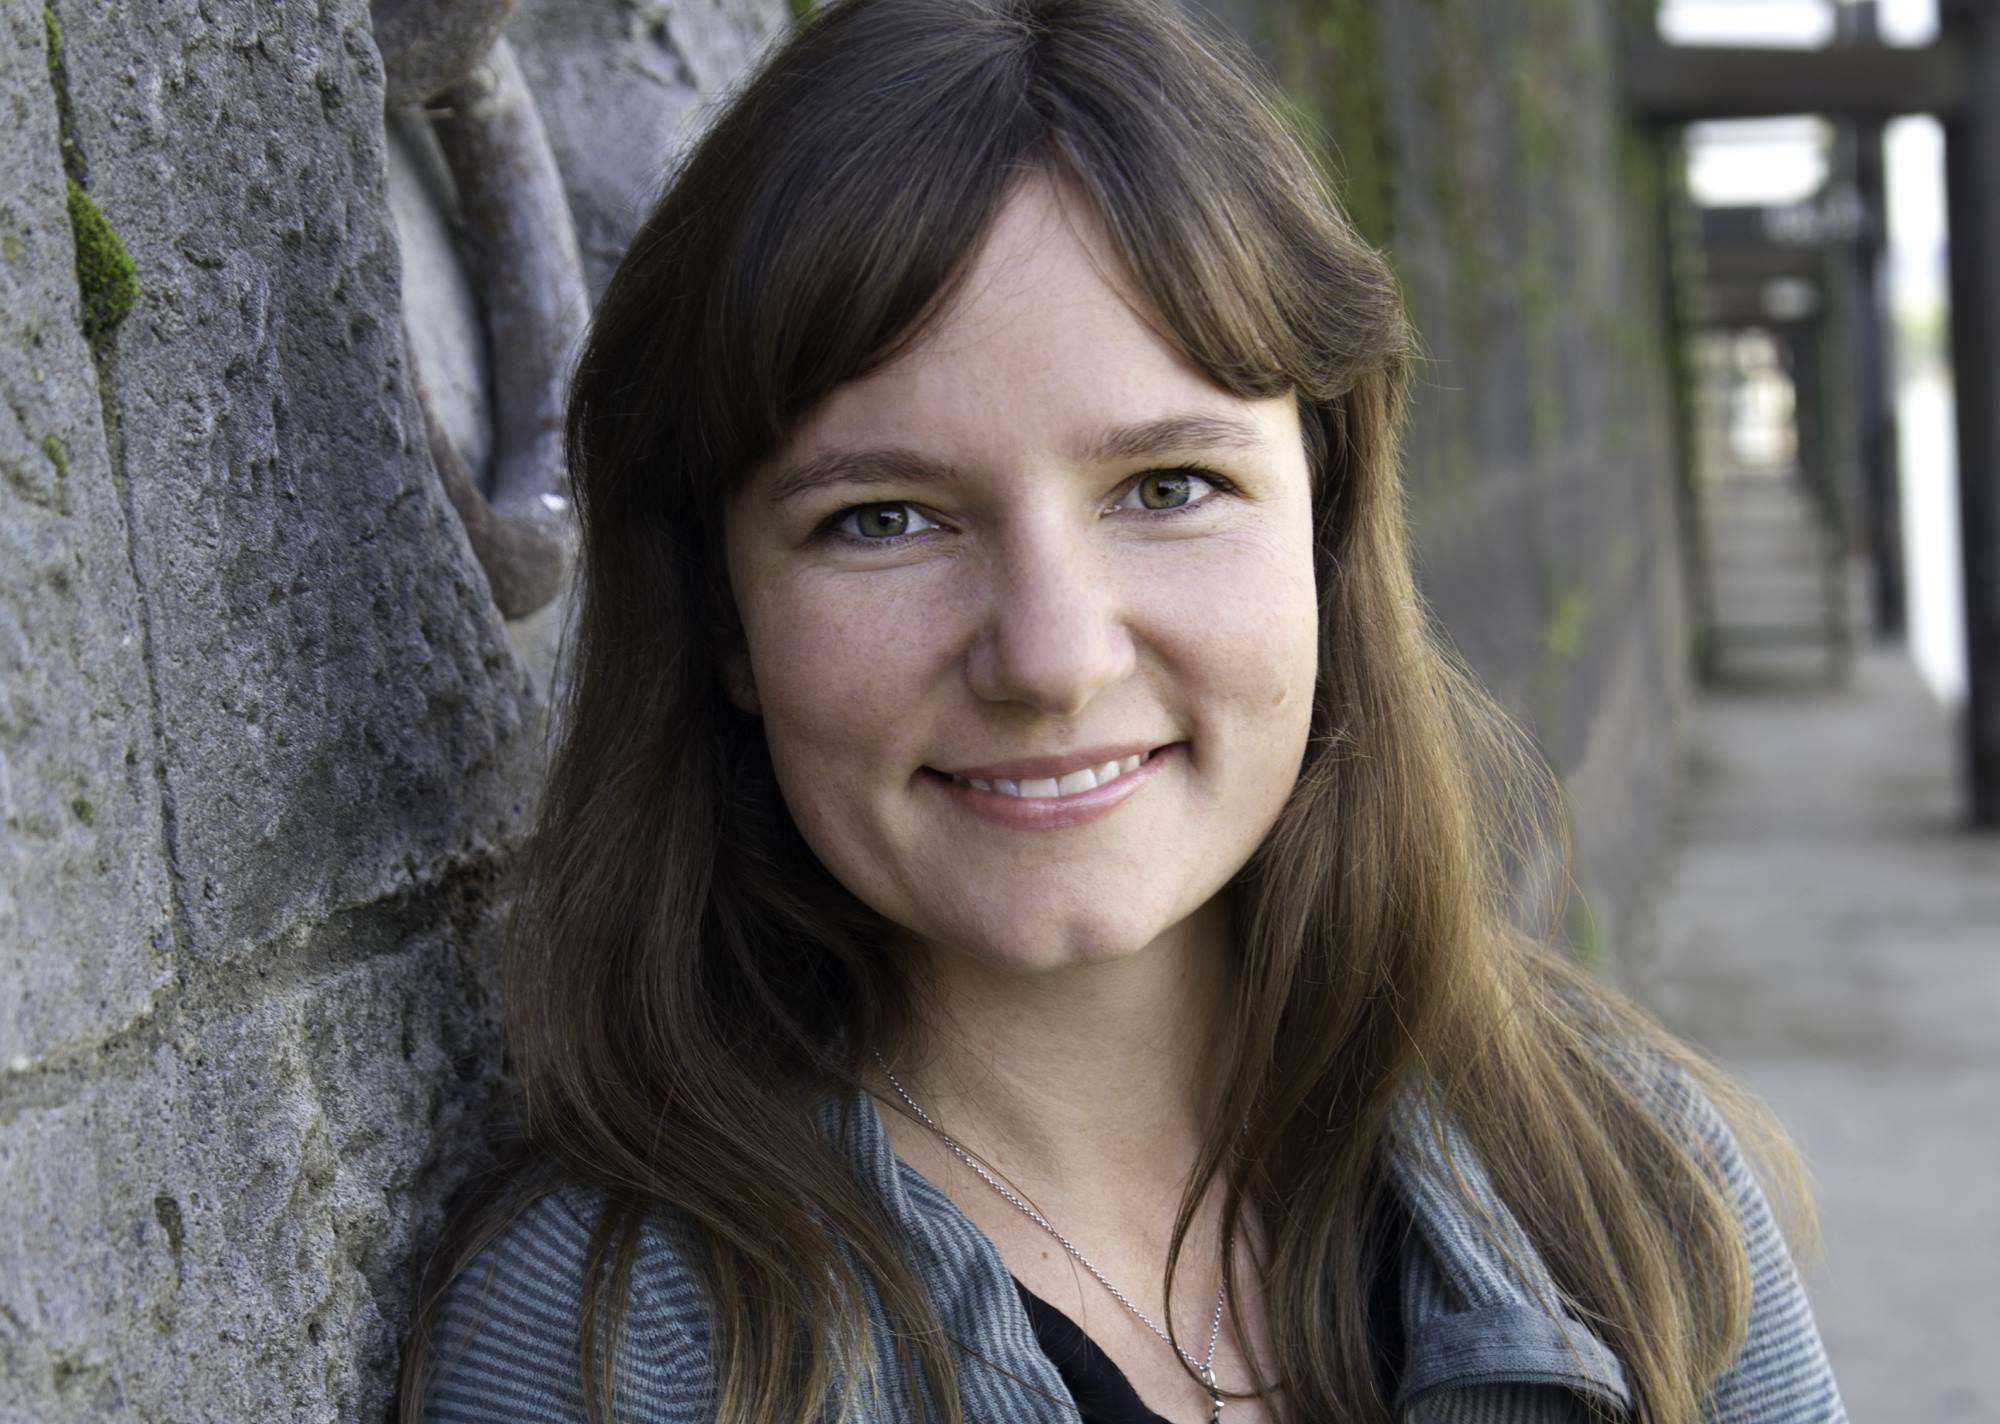 Felicitas Pommerening Autorin aus Mainz